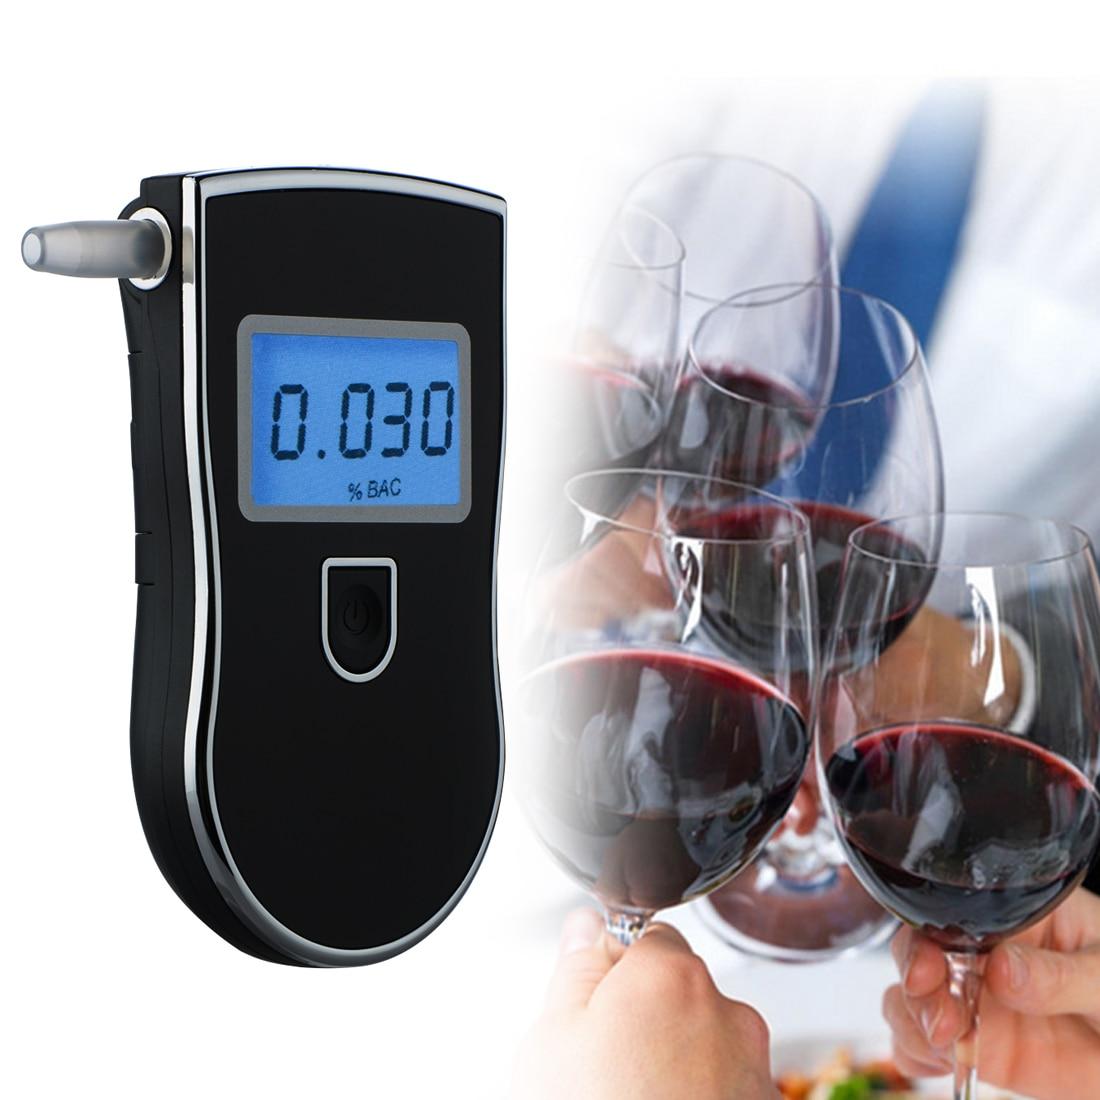 Professionelle Polizei Digital LED Atem Alkohol Tester Alkoholtester AT818 + 5 stücke mundstücke